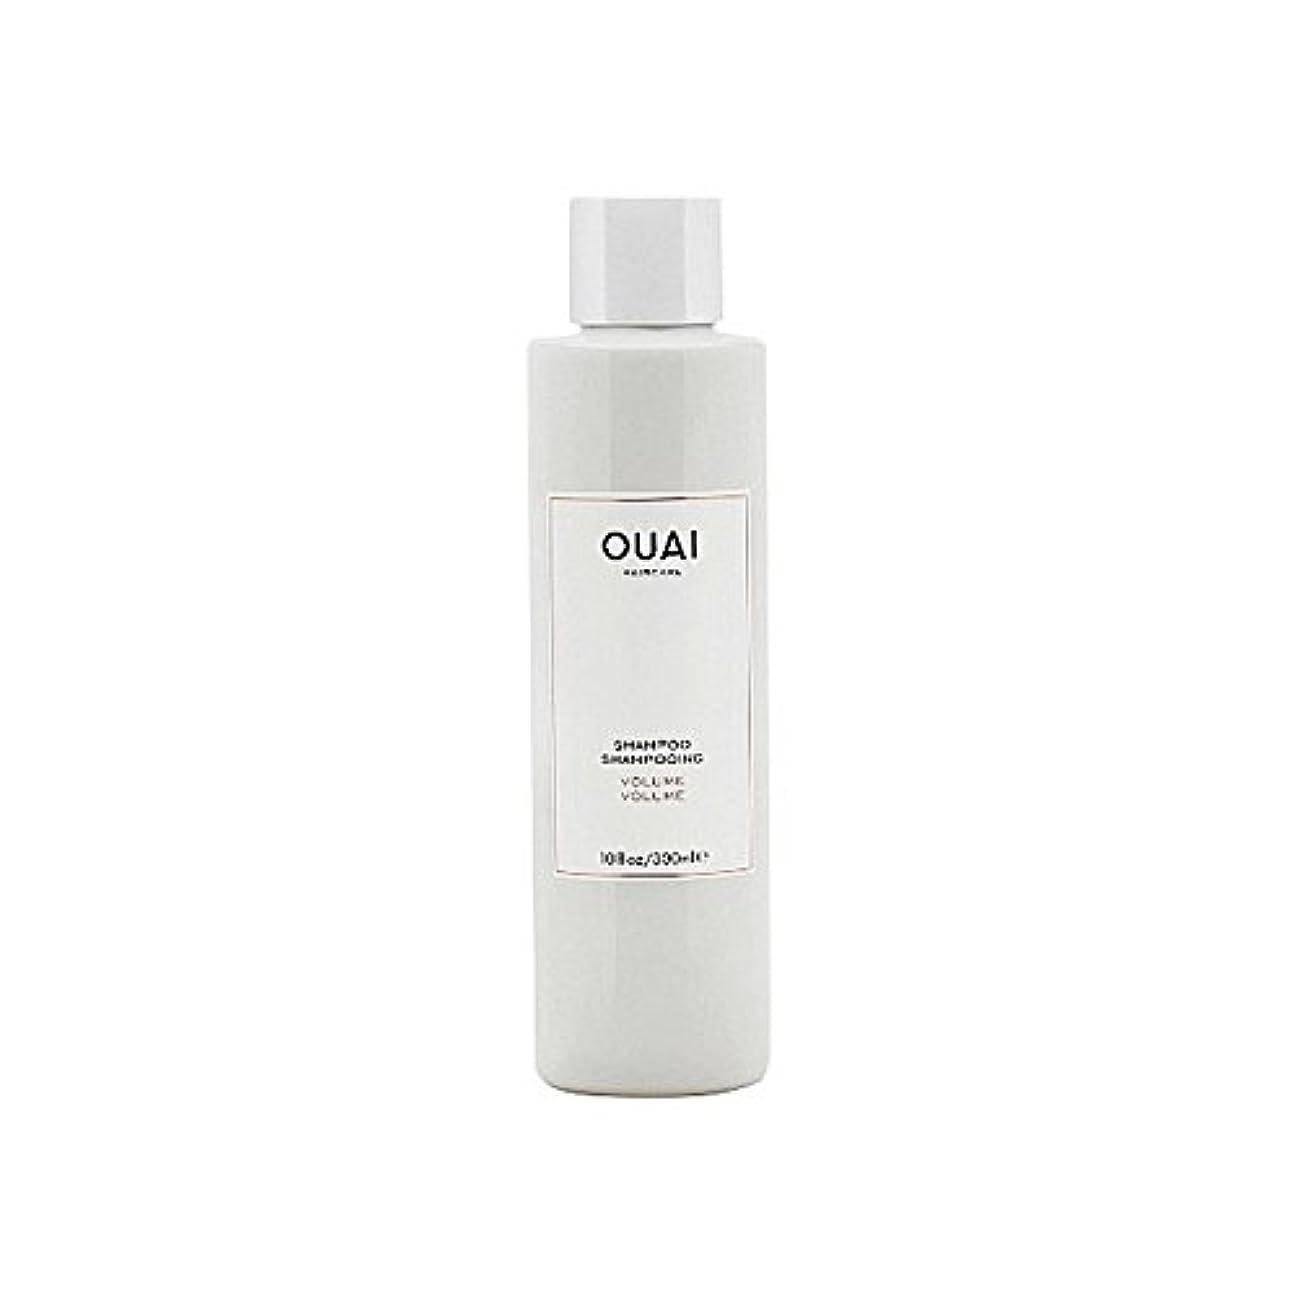 ボリュームシャンプー300ミリリットル x4 - Ouai Volume Shampoo 300ml (Pack of 4) [並行輸入品]